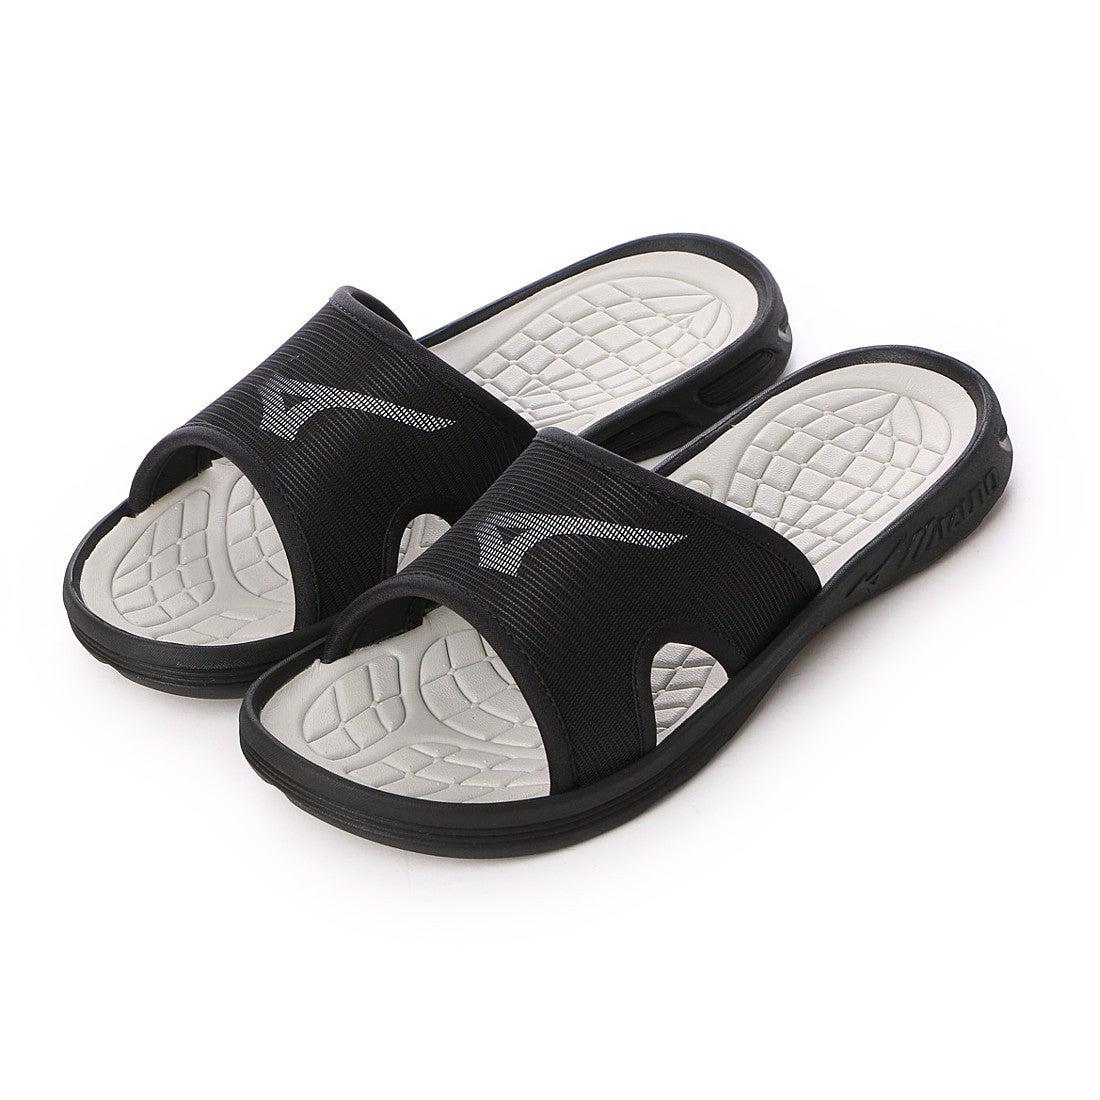 ロコンド 靴とファッションの通販サイトミズノ MIZUNO ユニセックス 野球 サンダル リラックススライド 11GJ156000 501